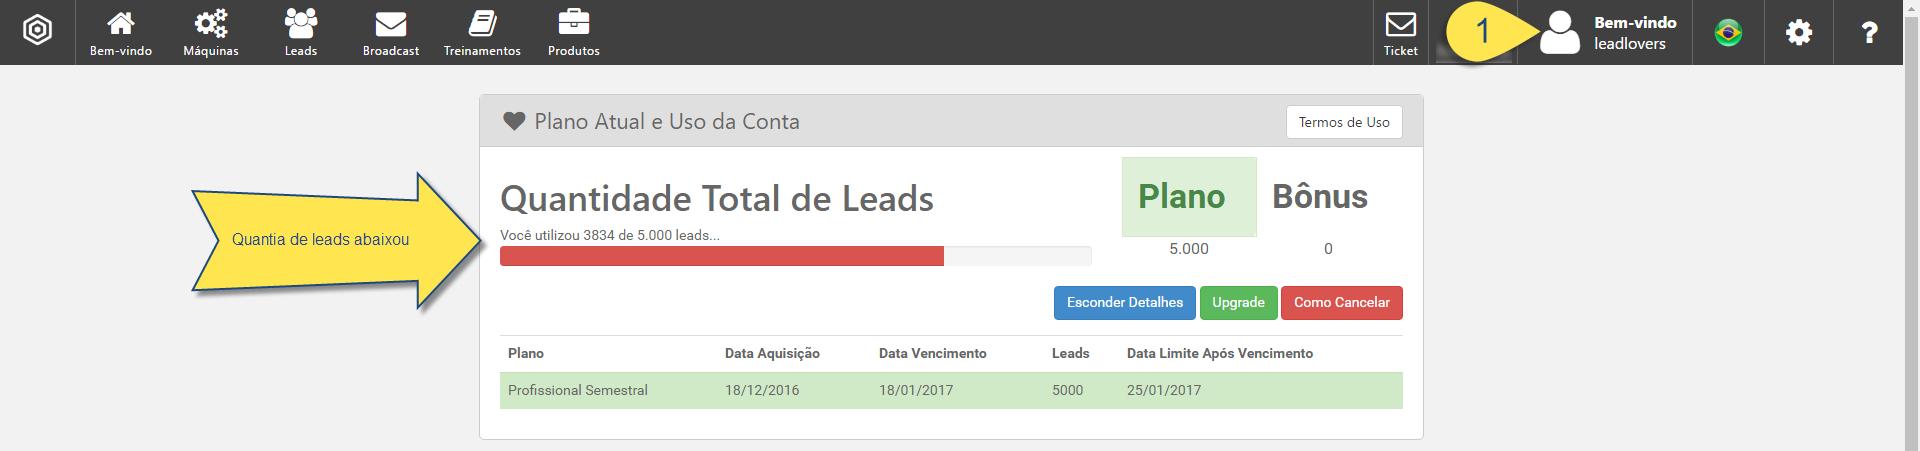 excluir leads